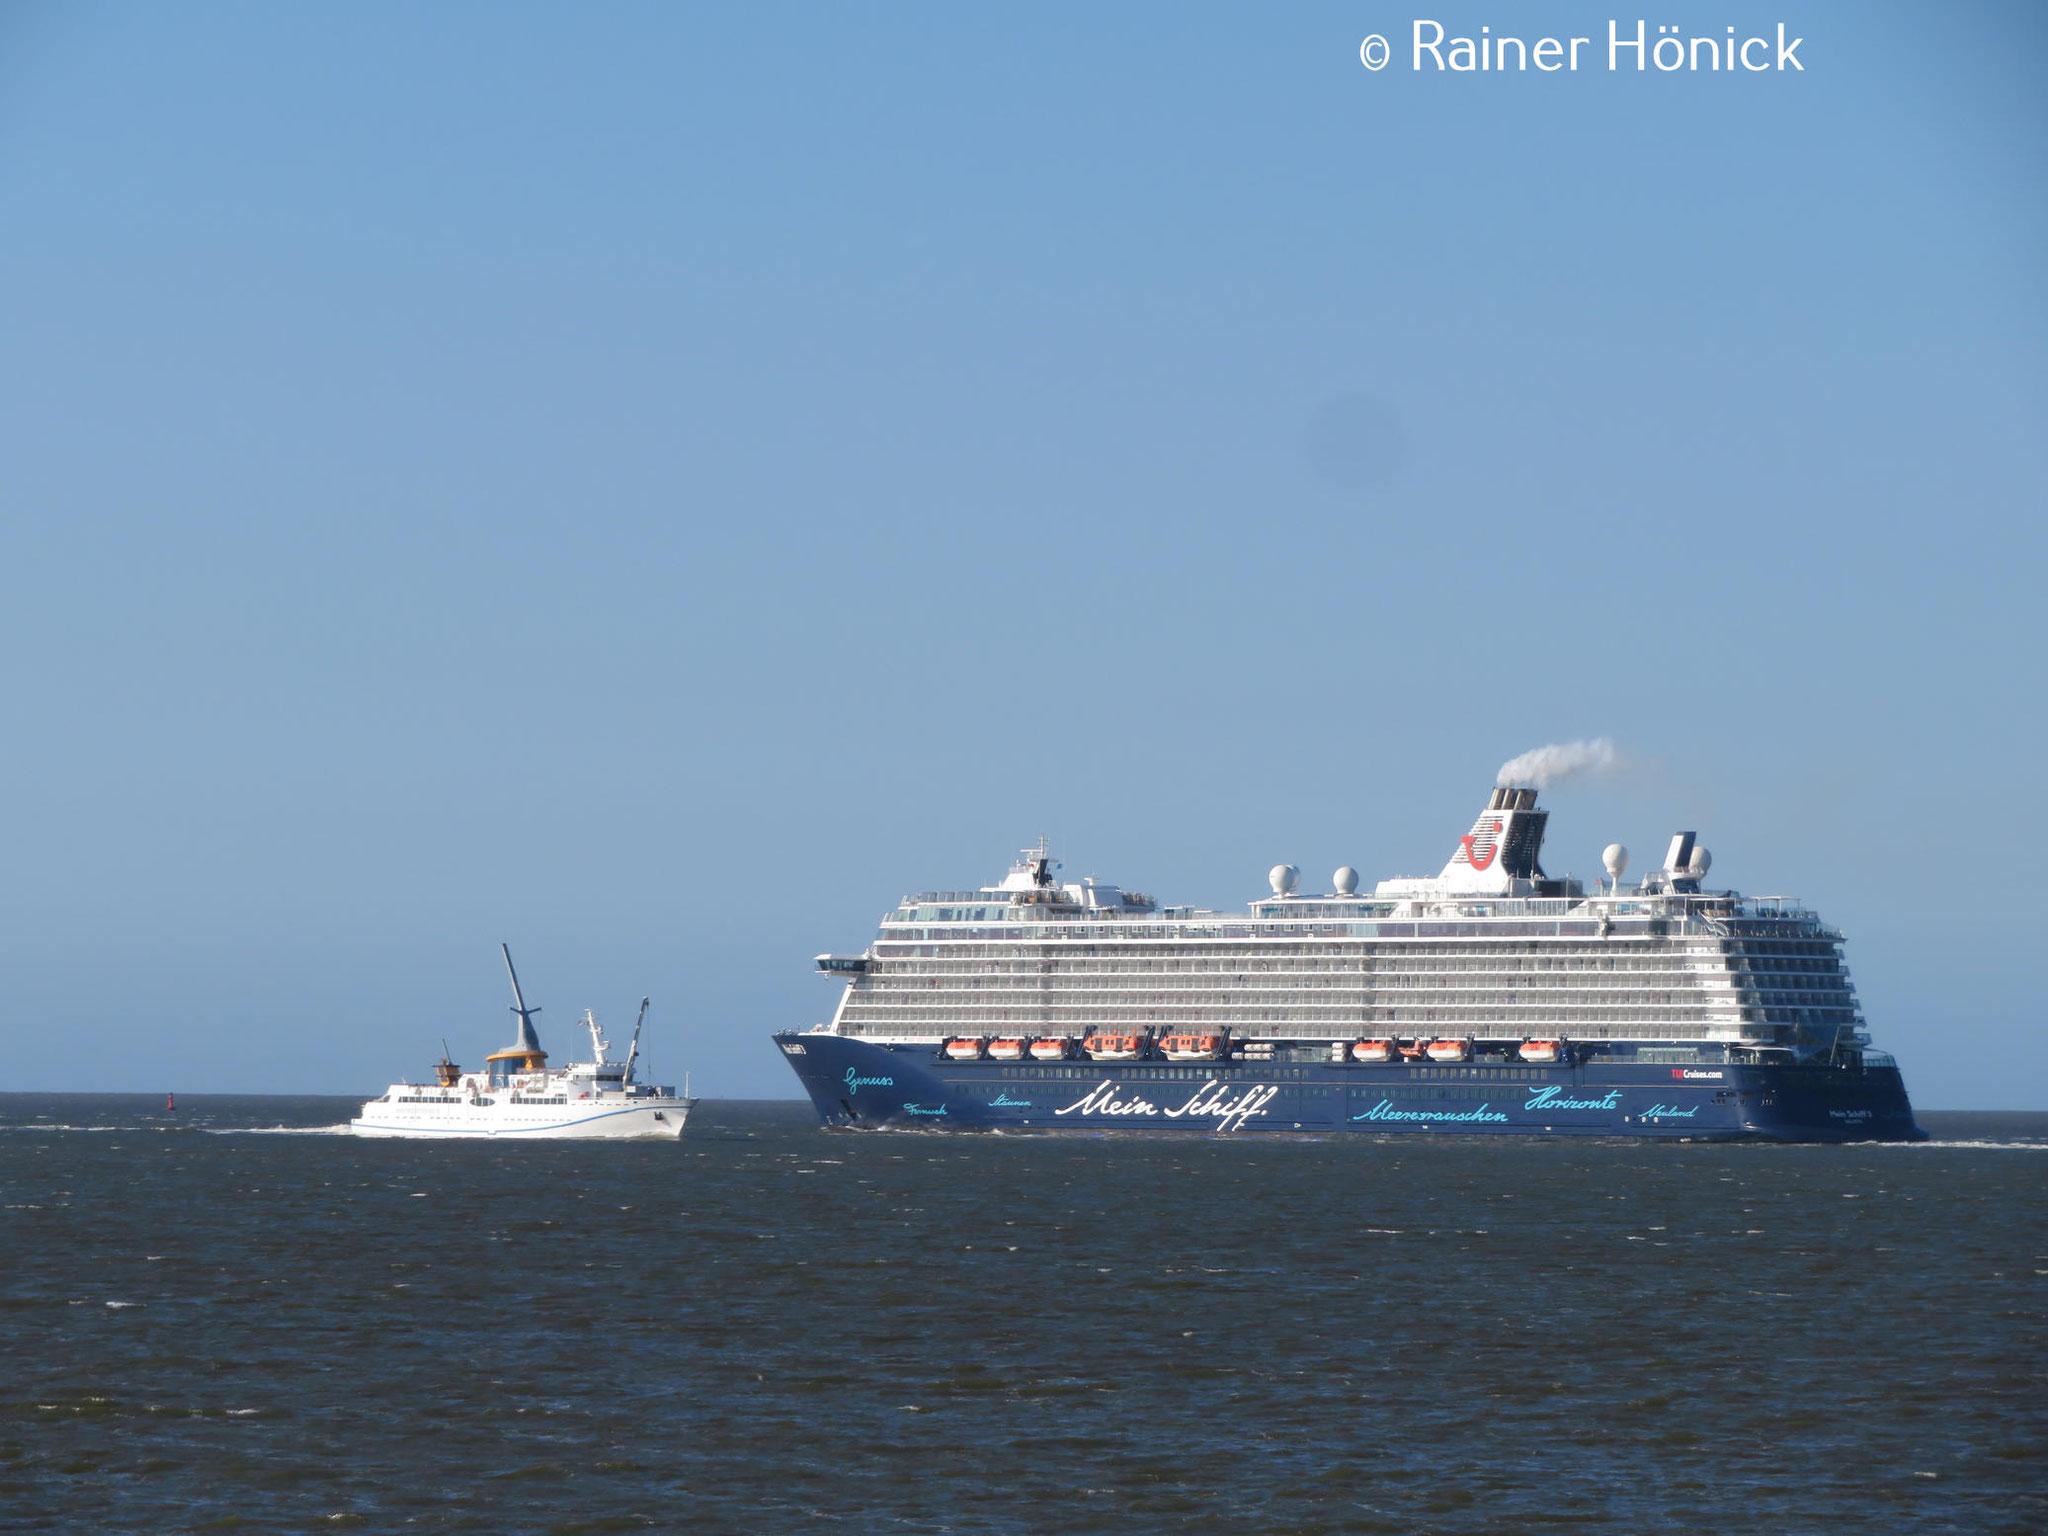 Die Helgoland passiert Mein Schiff 3